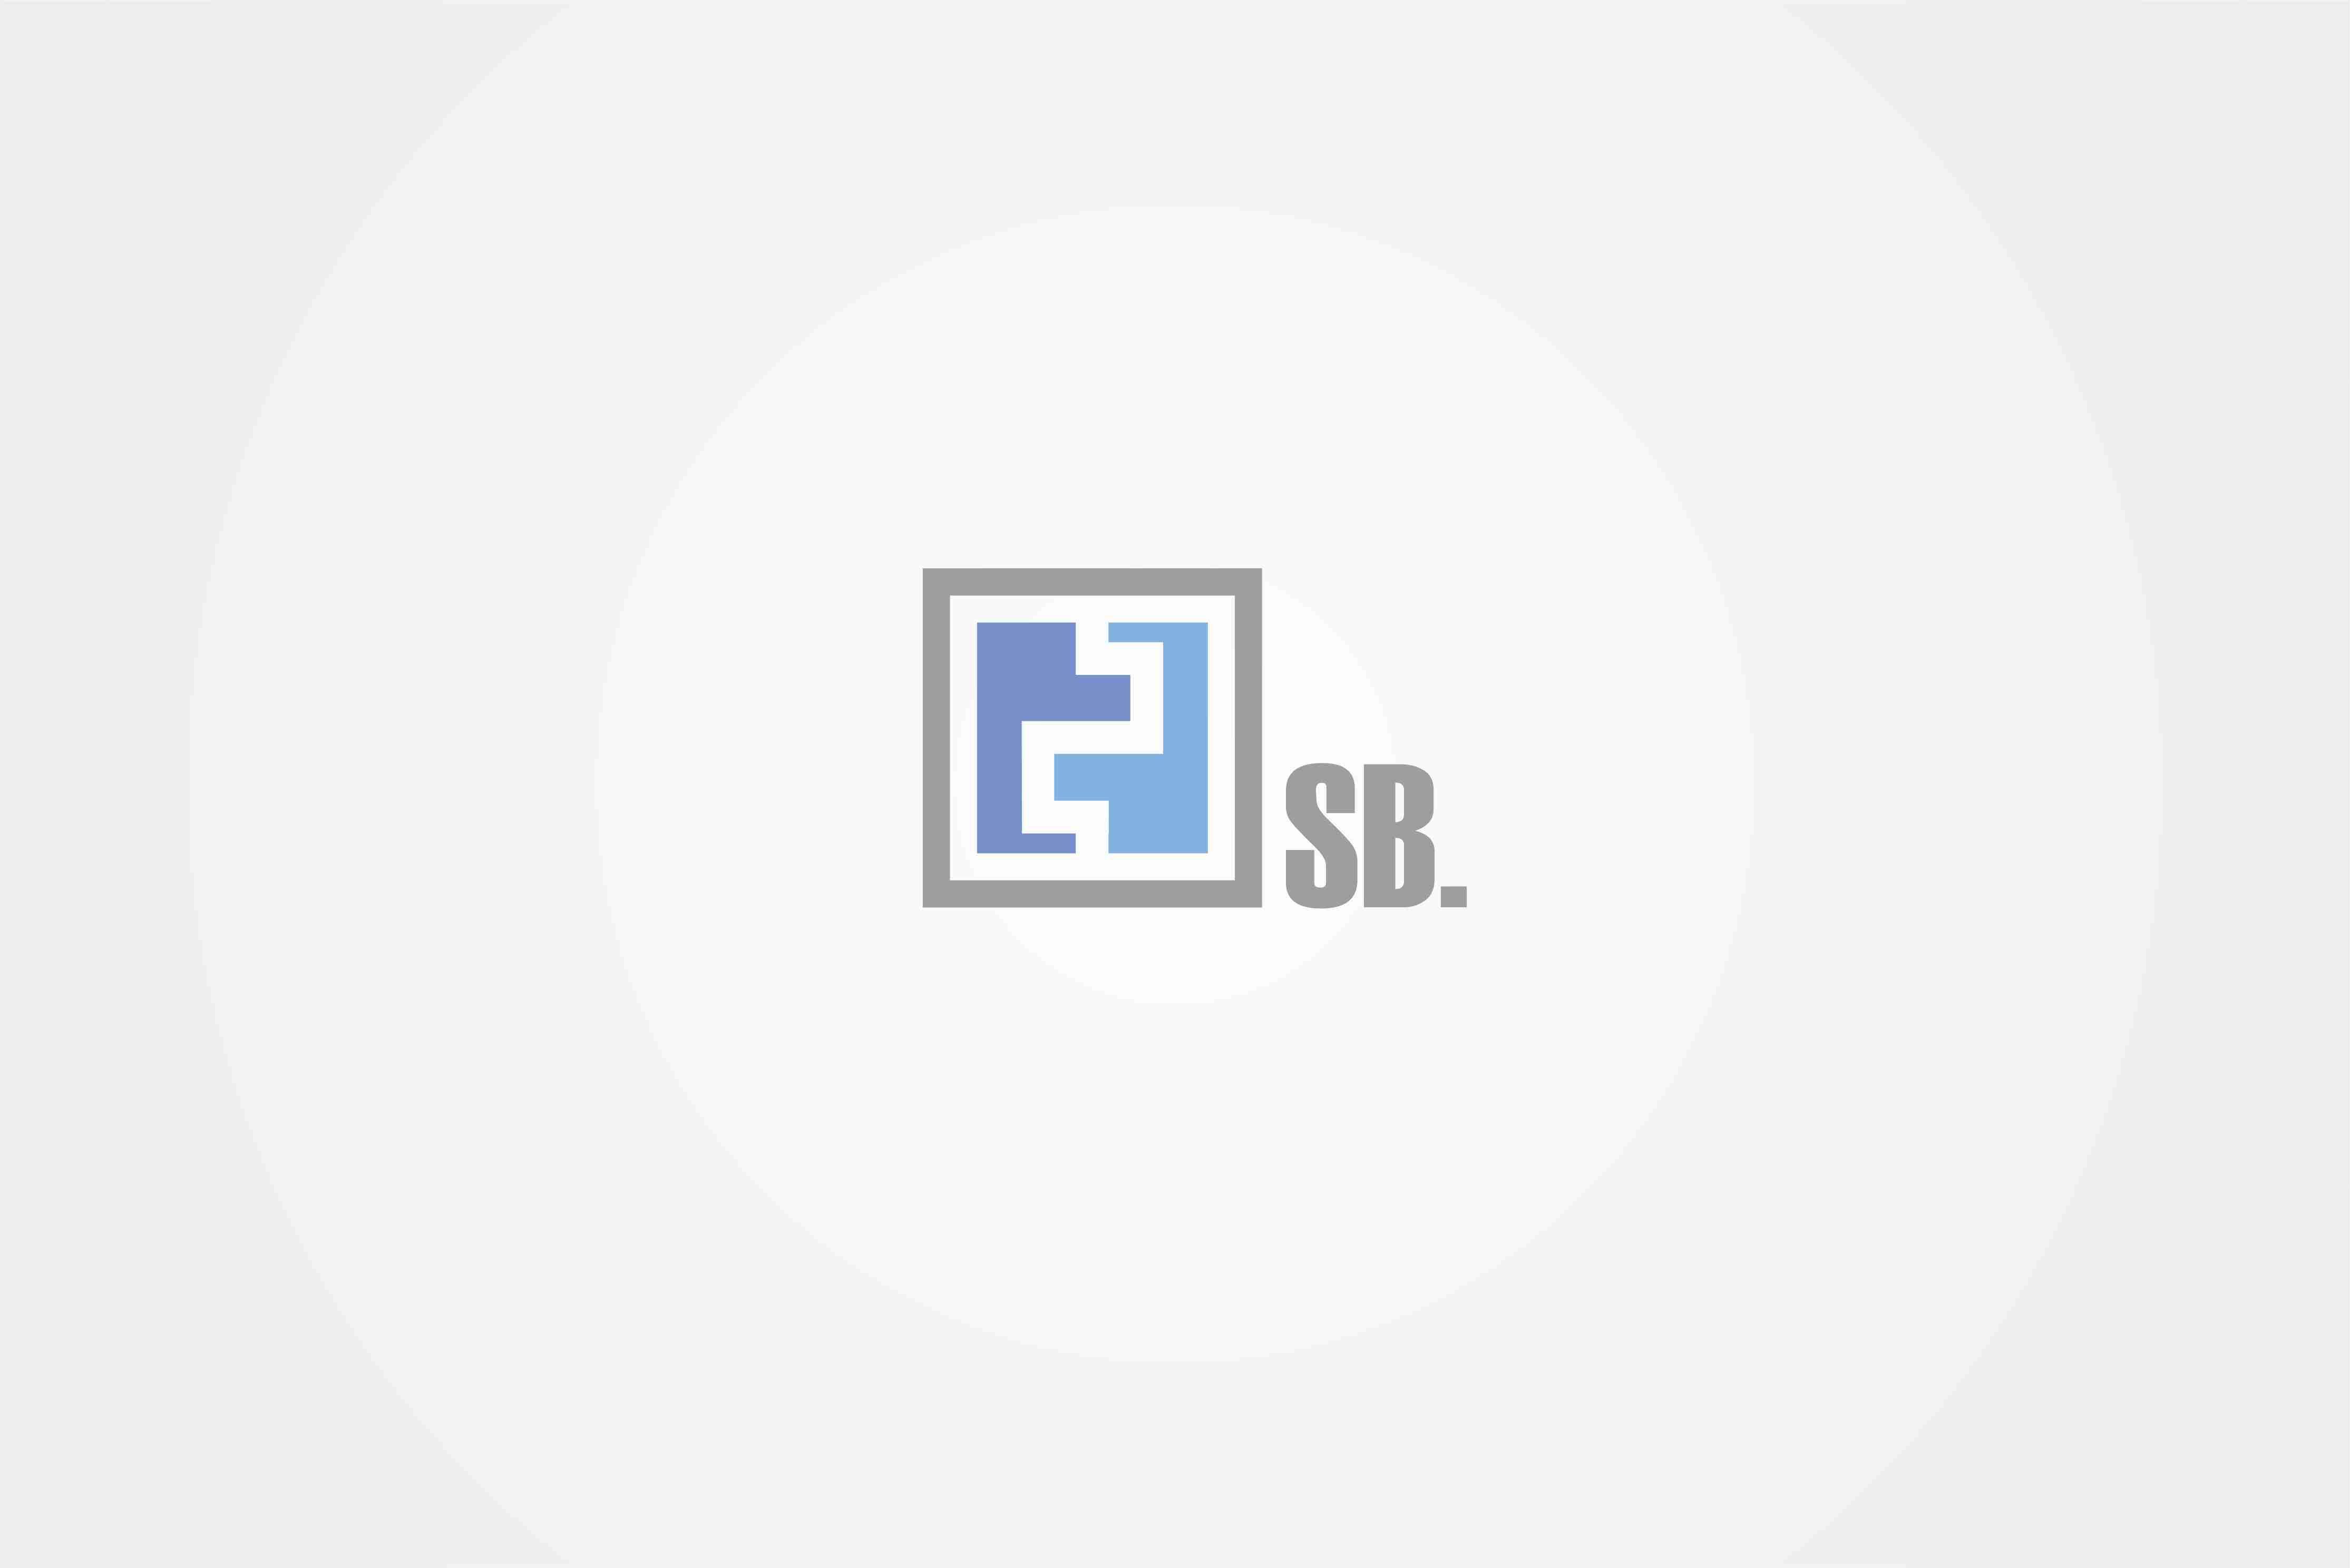 Логотип + Визитка Портала безопасных сделок фото f_121535d63ca4fbc3.jpg